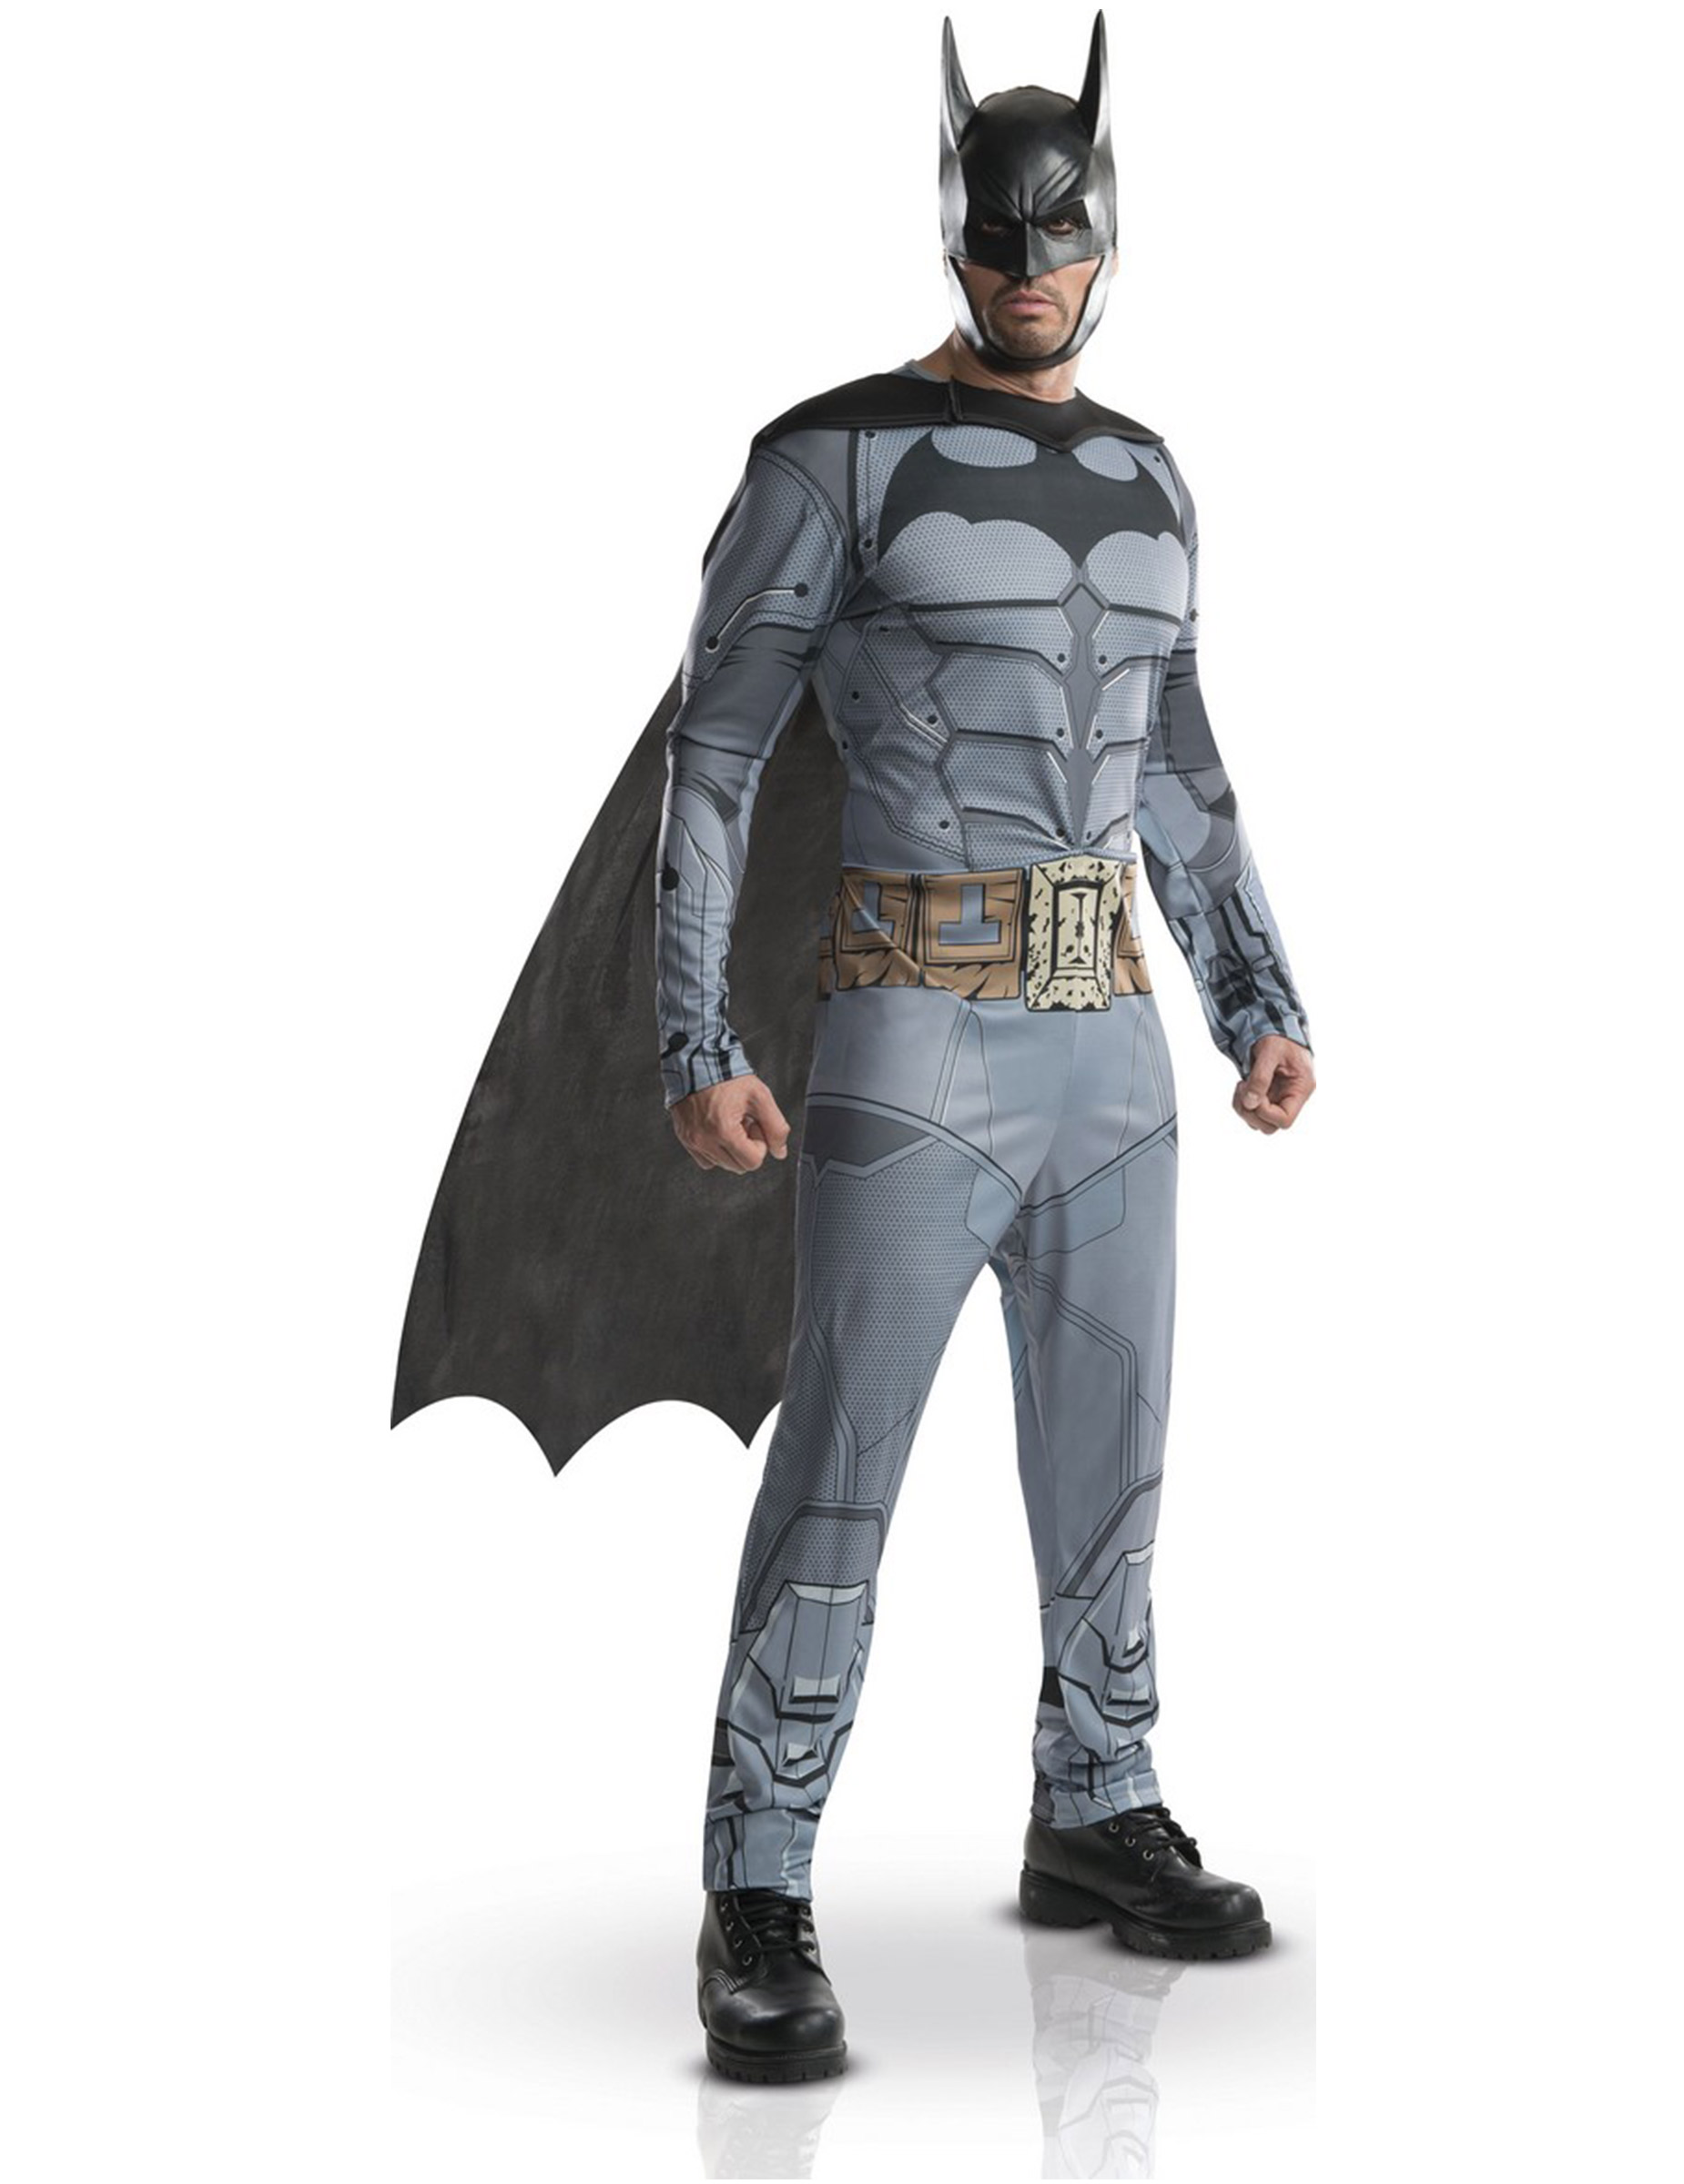 d guisement batman arkham city homme deguise toi achat de d guisements adultes. Black Bedroom Furniture Sets. Home Design Ideas